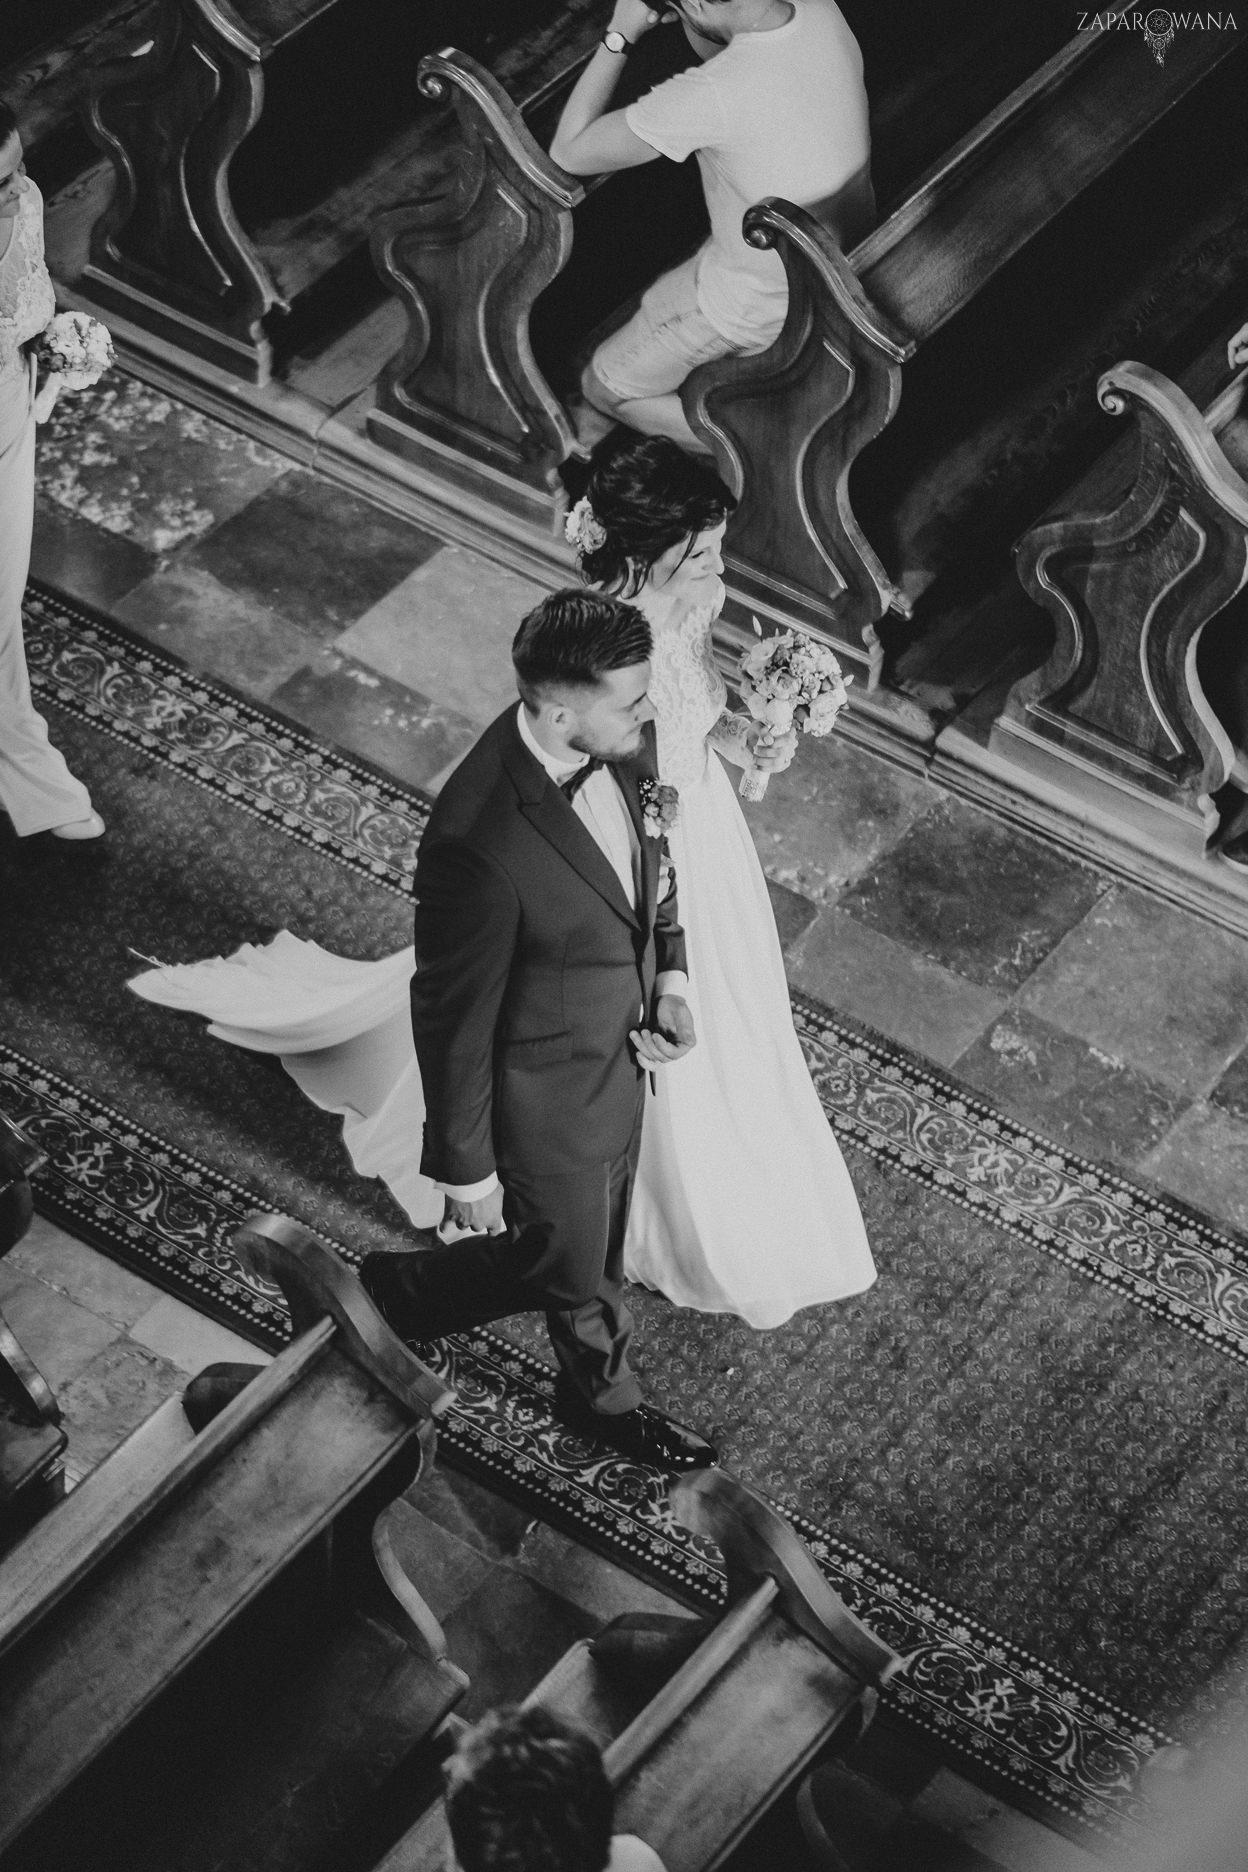 227 - ZAPAROWANA - Kameralny ślub z weselem w Bistro Warszawa